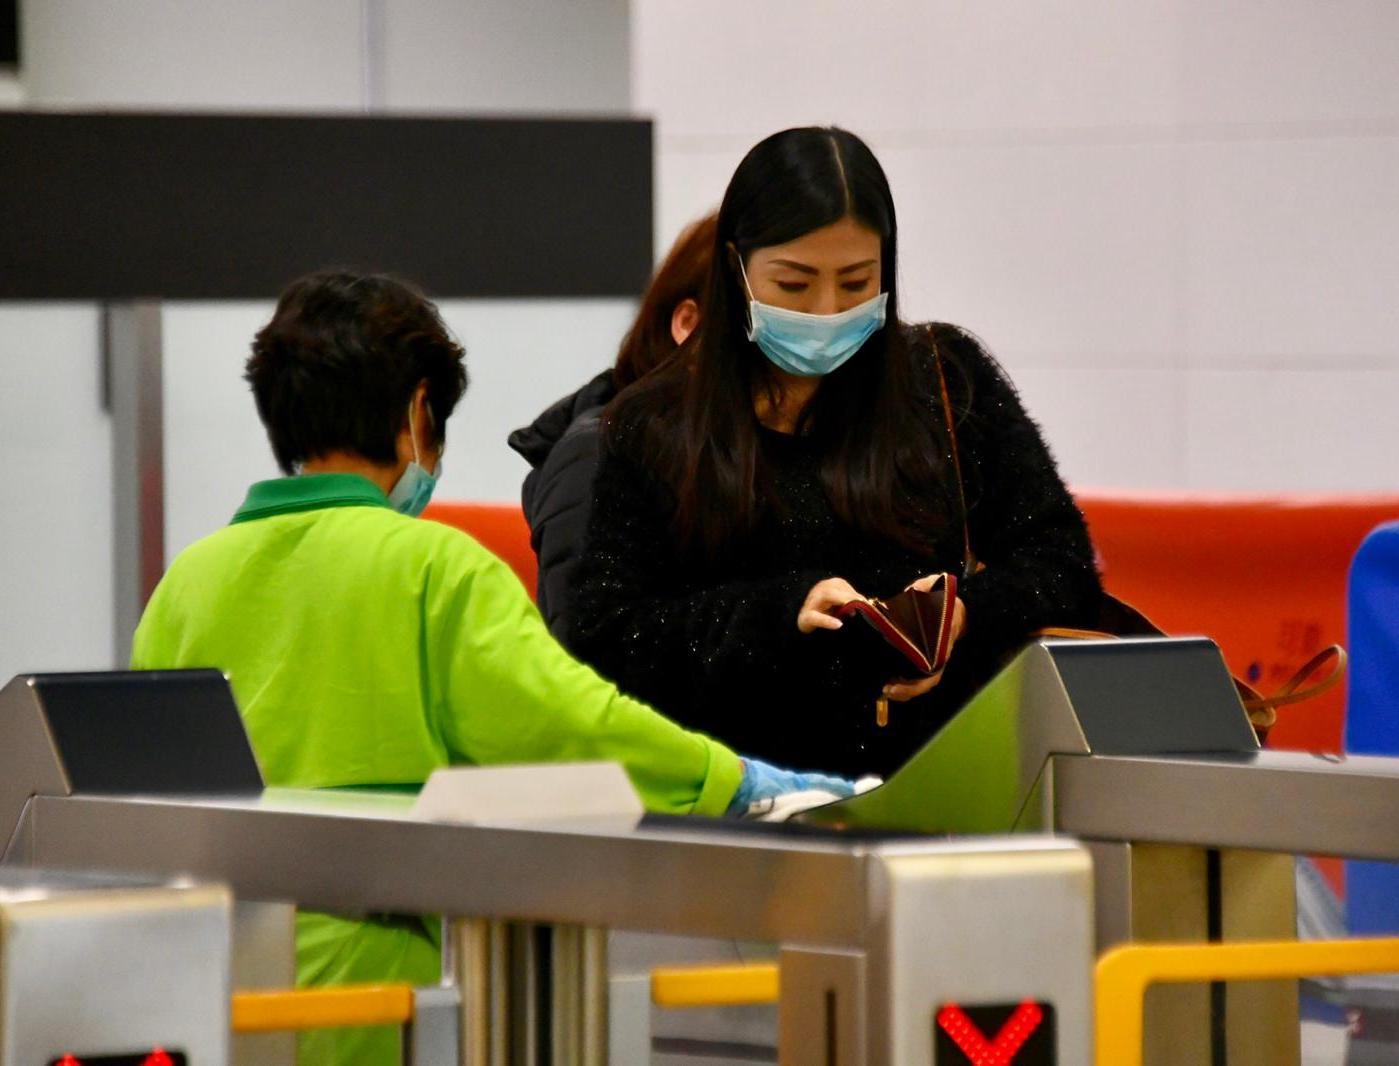 【新冠肺炎】被指大量生产并储存口罩 政府澄清:毫无事实根据